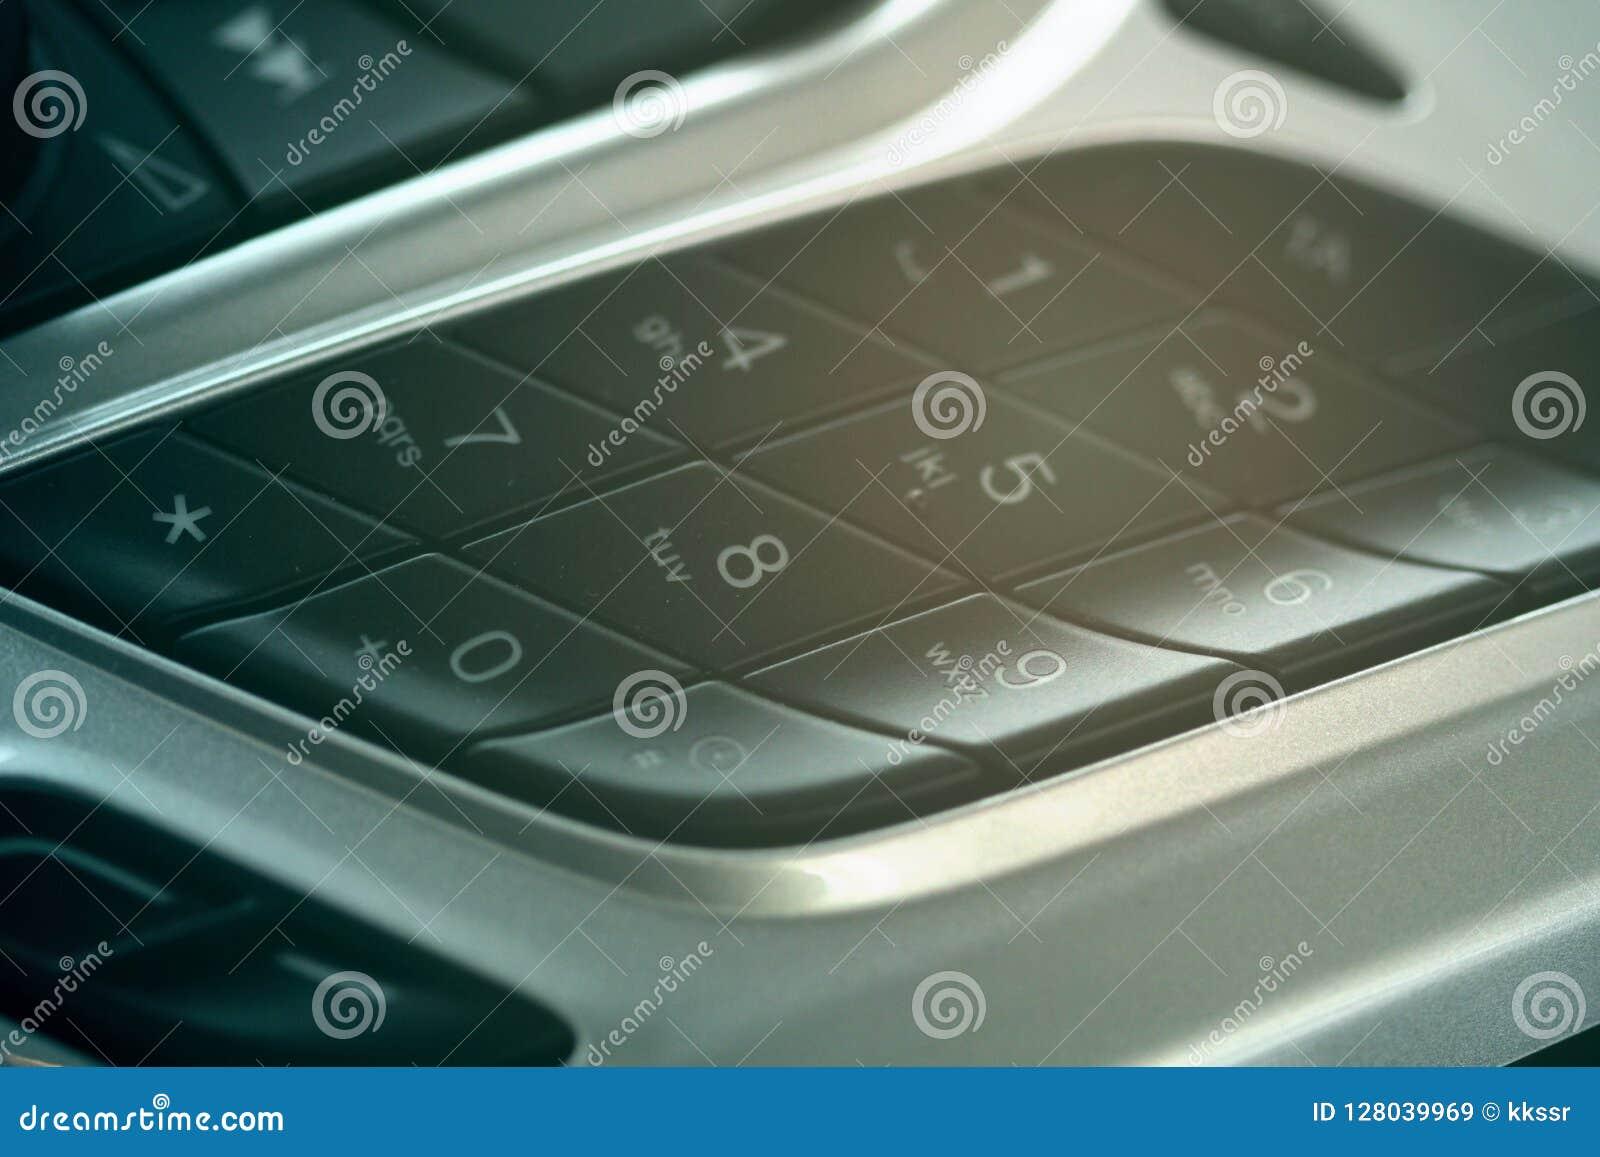 Samochodowy deski rozdzielczej tarczy ochraniacz obok audio kontrola zapina